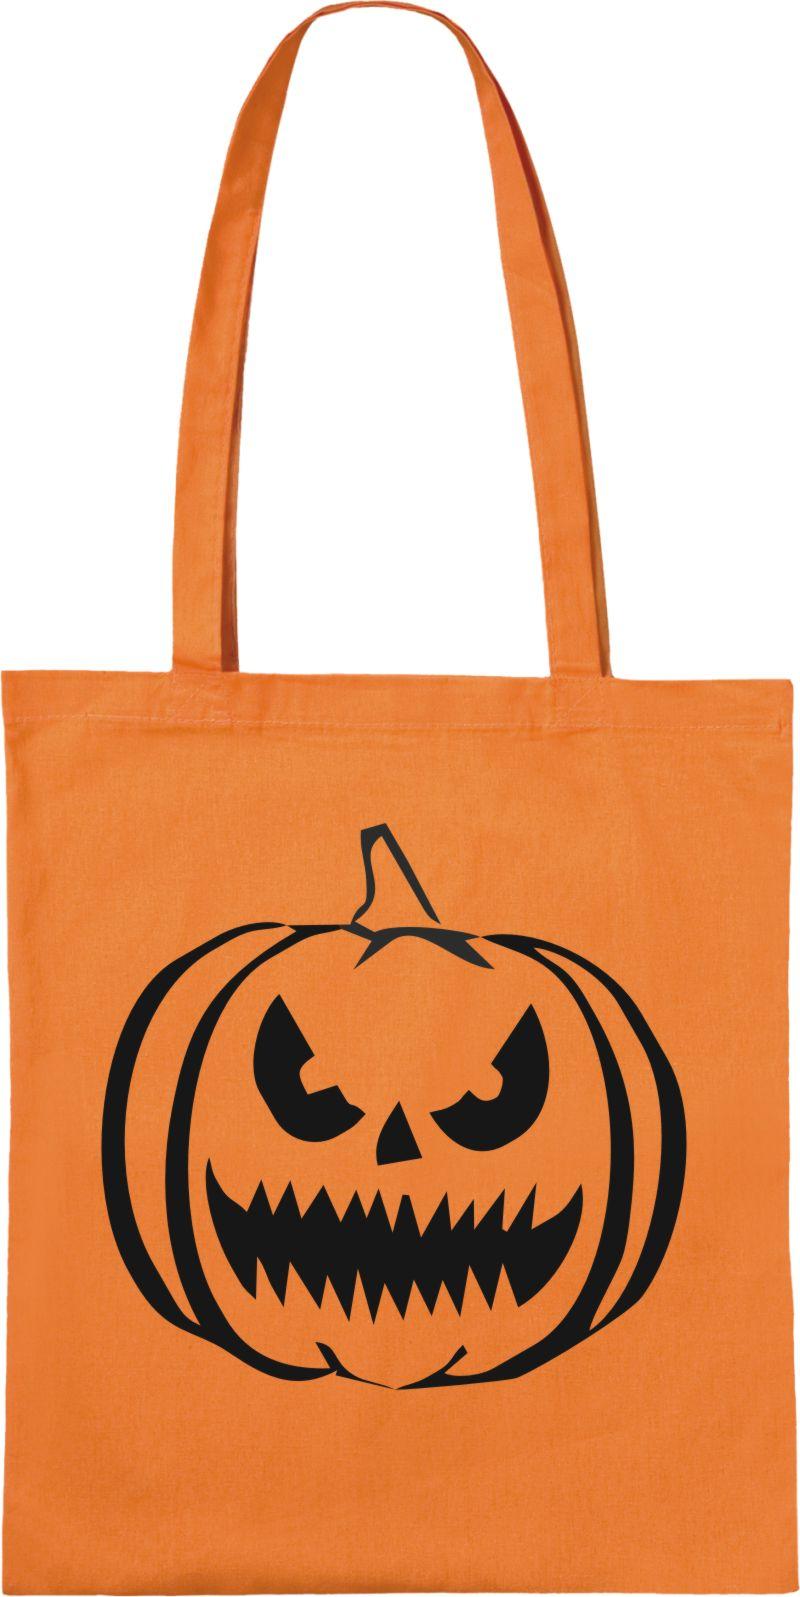 Halloween_kuerbis3_bw_TASCHE_L_orange.jpg